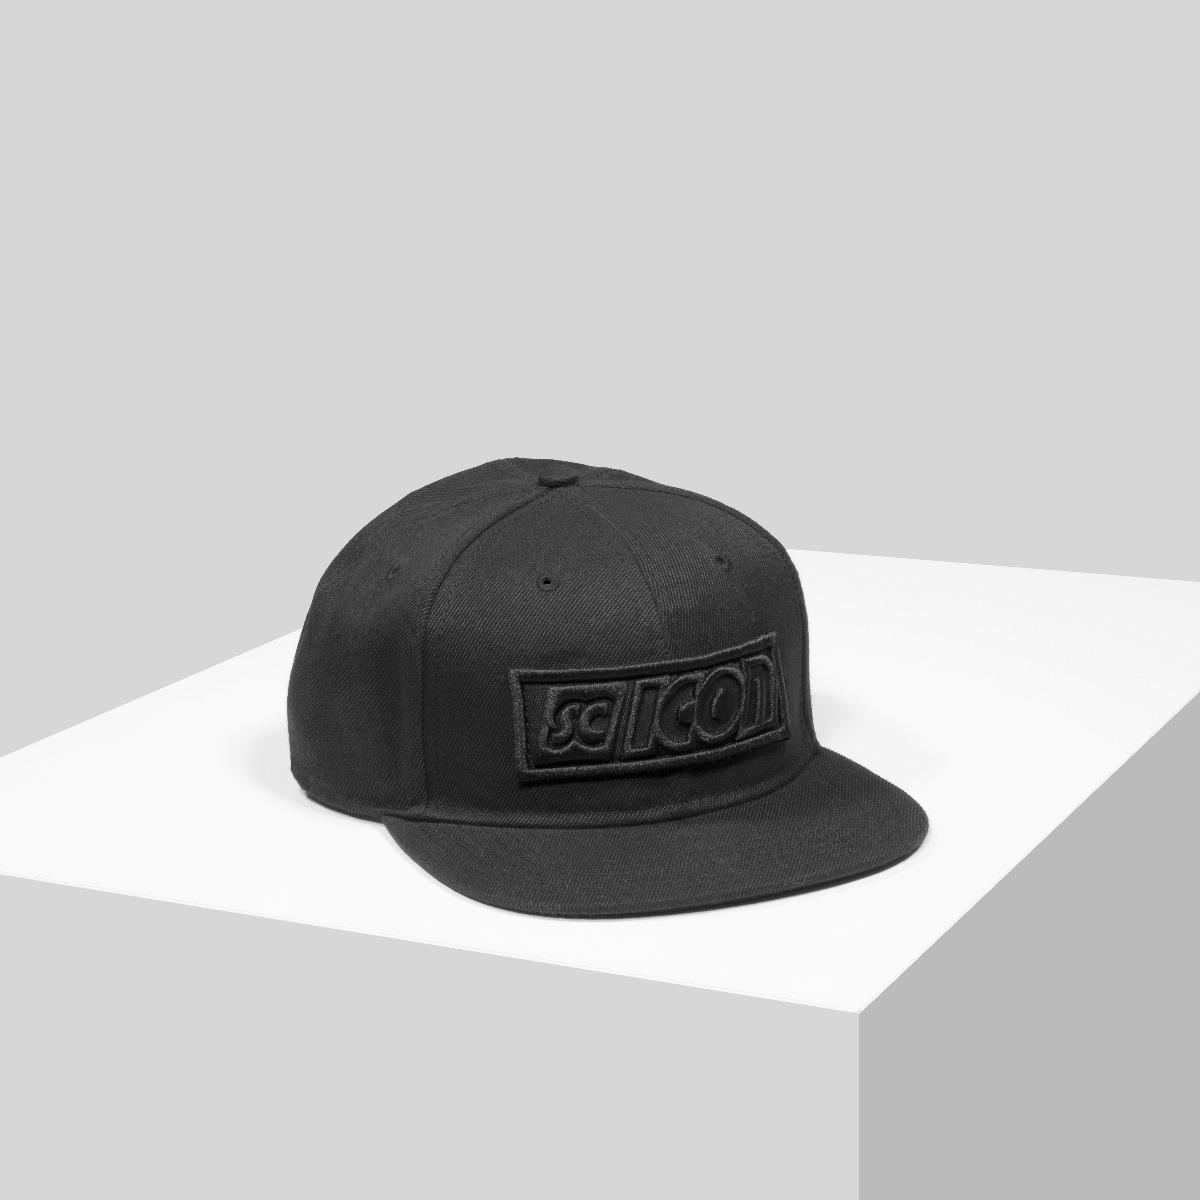 BLACKOUT LOGO SNAPBACK CAP